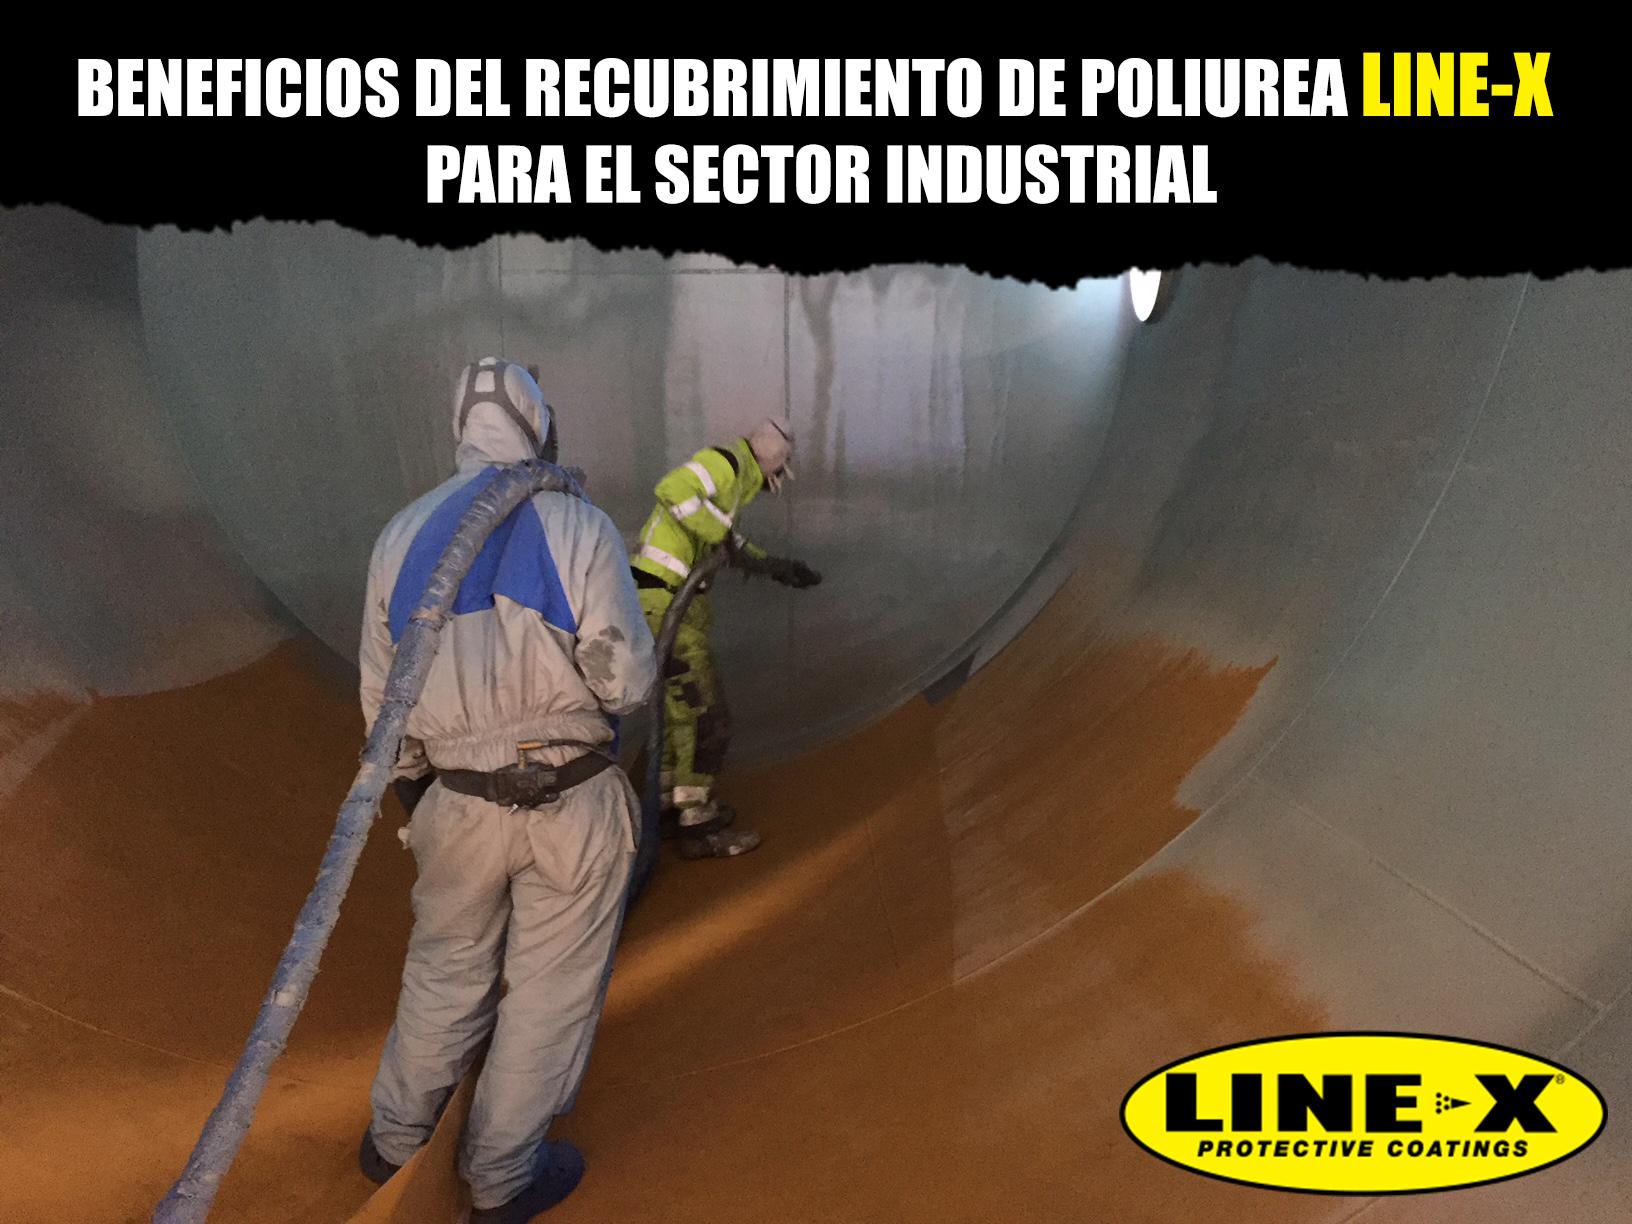 LINE-X LANZA RECUBRIMIENTO DE POLIUREA PARA EL SECTOR INDUSTRIAL